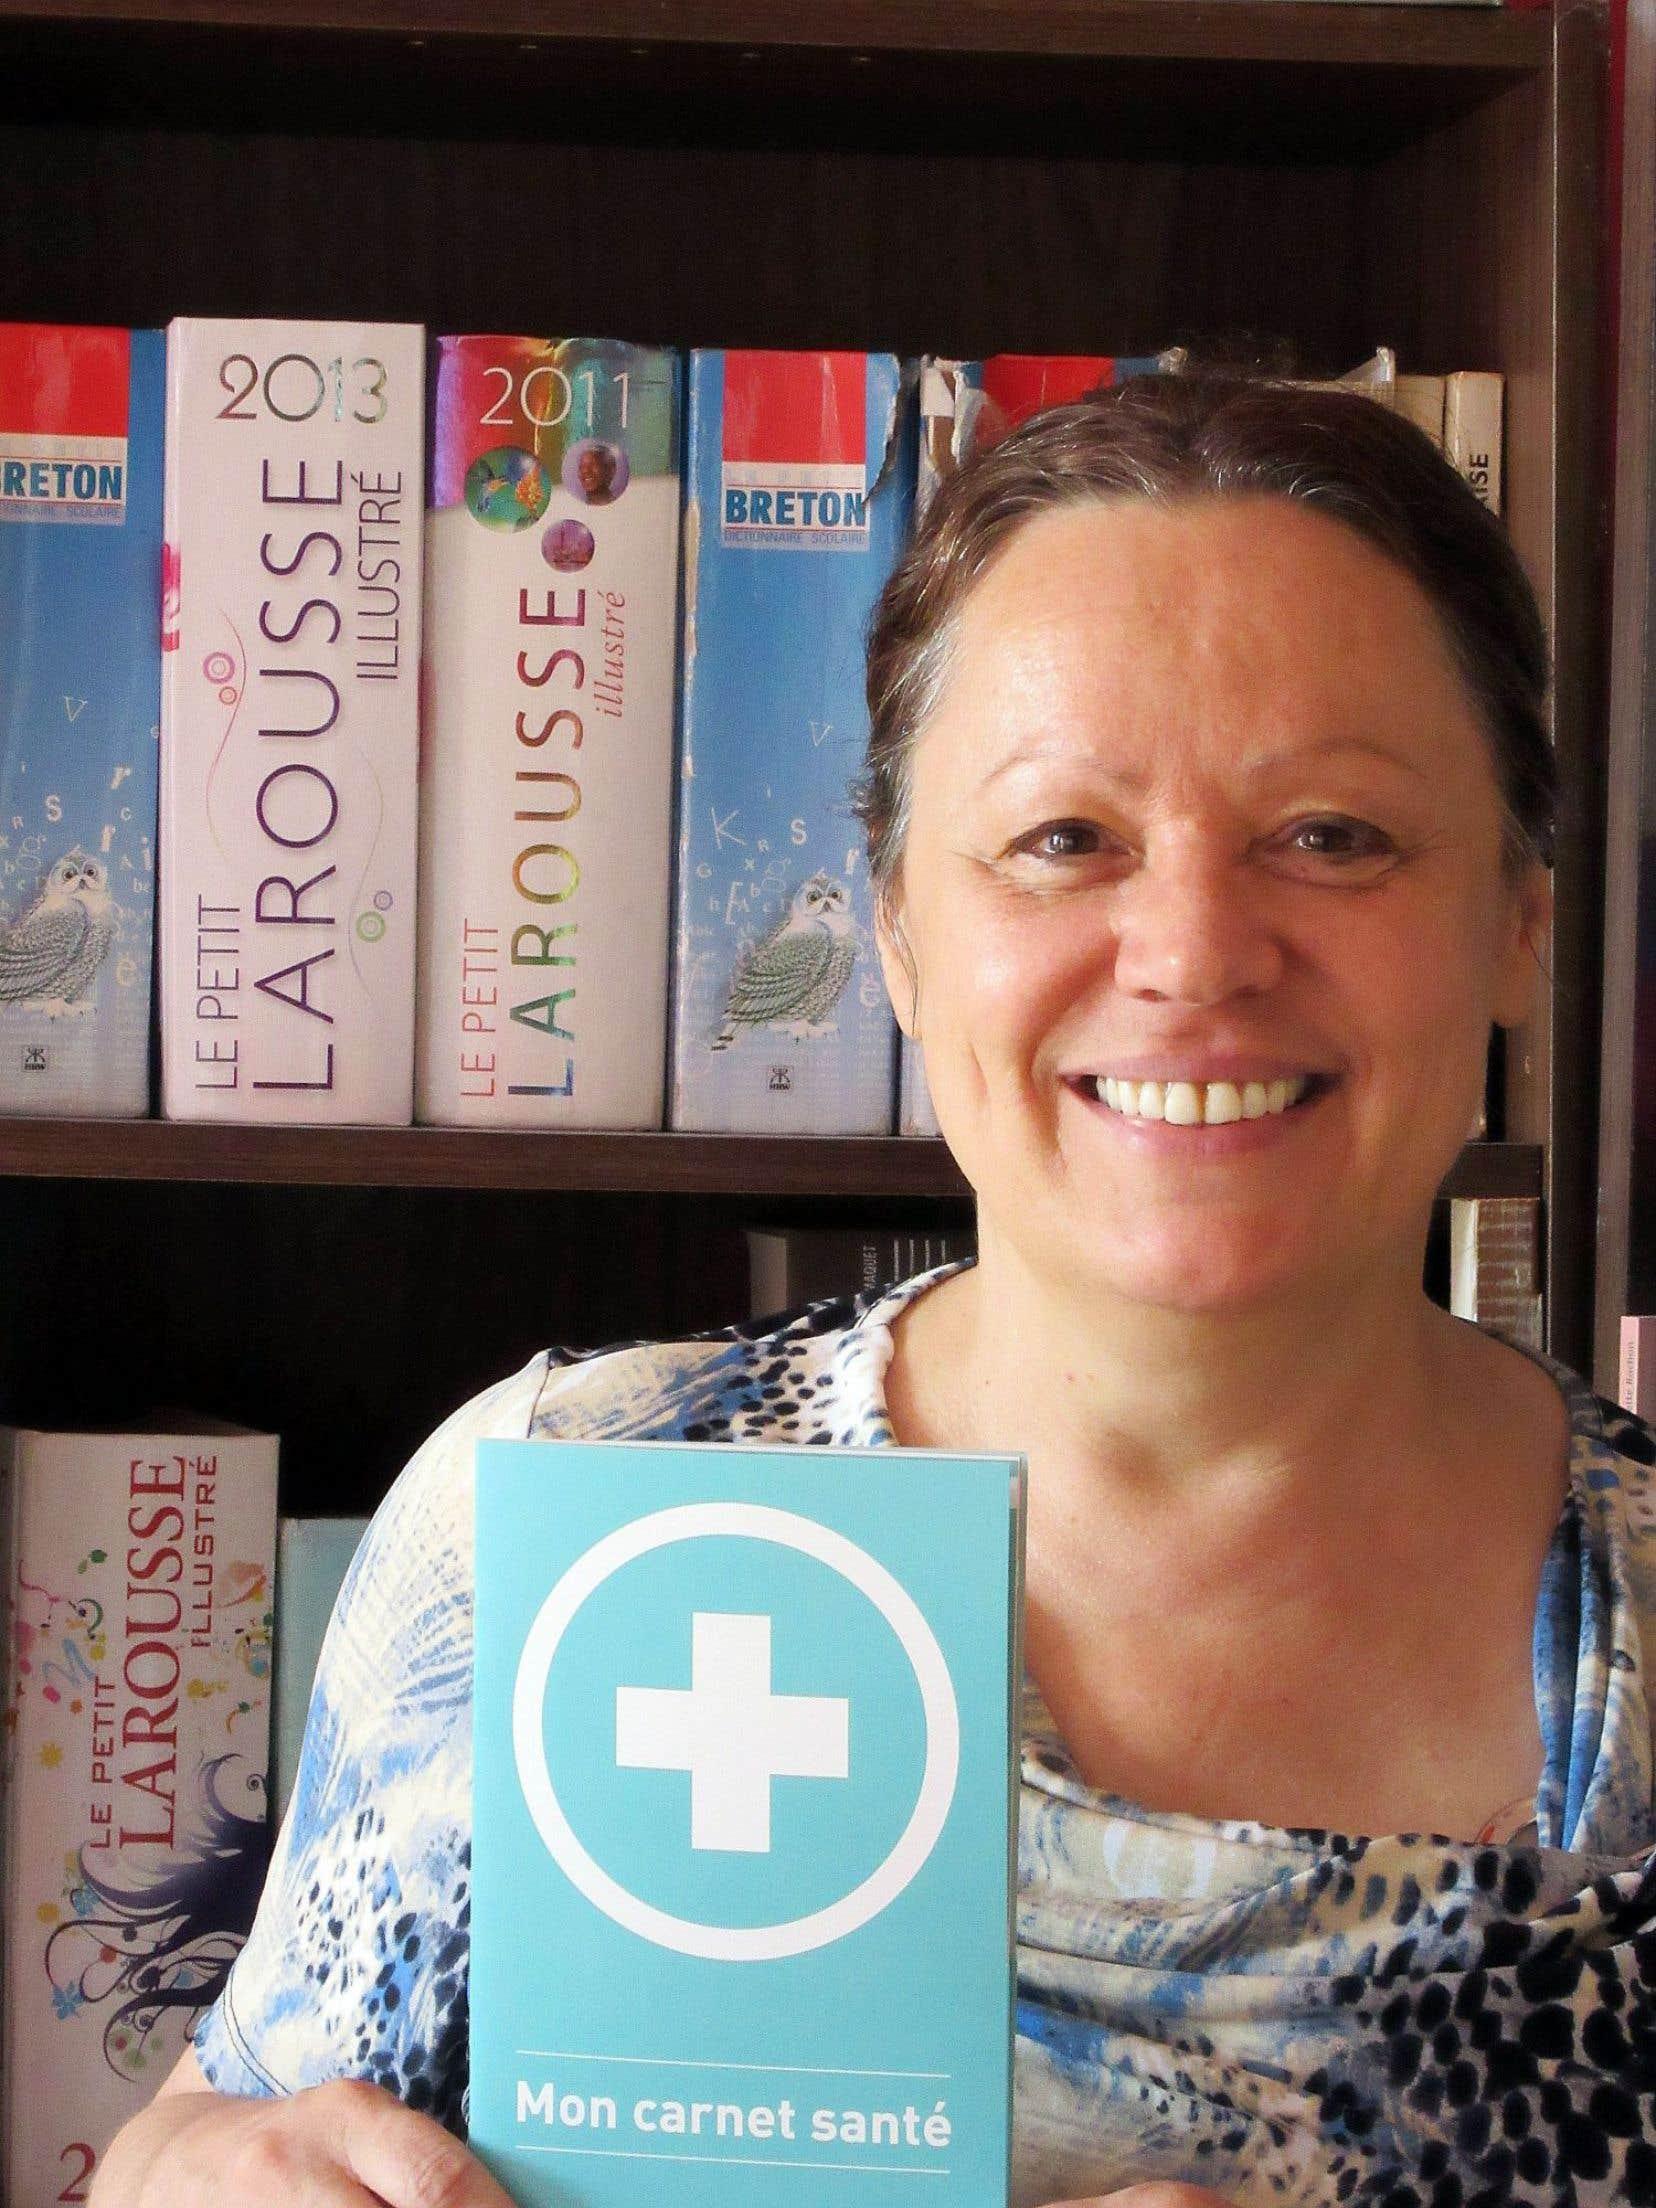 Le groupe populaire en alphabétisation Atout-Lire a produit en 2014 un document appelé Mon carnet santé, qui est adapté aux besoins d'adultes peu scolarisés et favorise une meilleure compréhension et un meilleur suivi lors de rendez-vous avec des professionnels de la santé.